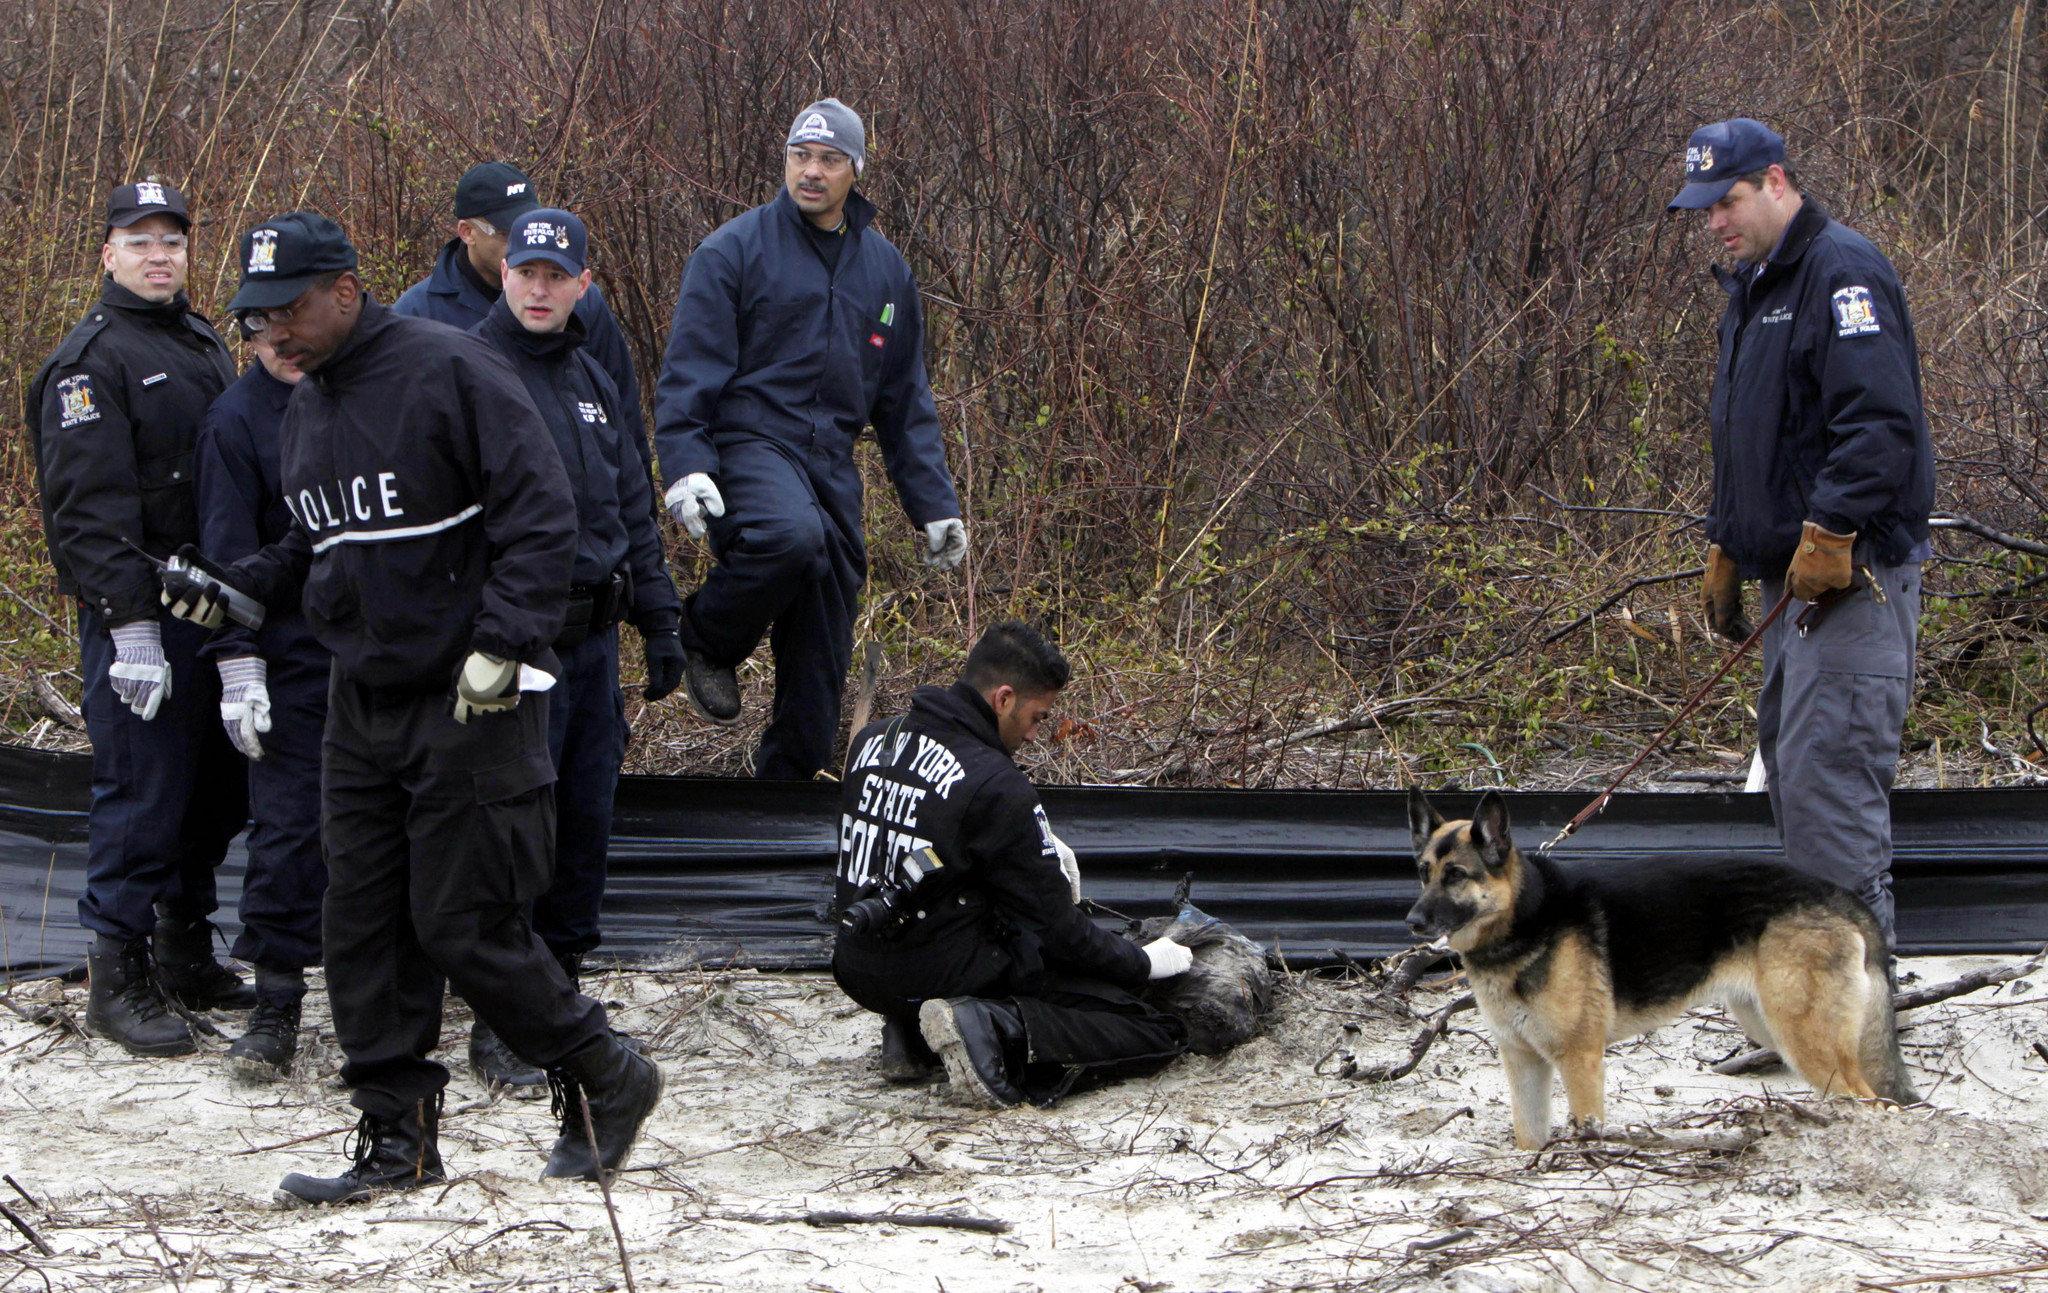 Na foto: Investigadores do Condado de Suffolk fazem buscas na área entre Gilgo Beach e Oak Beach. Todos os corpos foram encontrados na auto-estrada de Long Island que corta o condado de Suffolk. Créditos: New York Times.